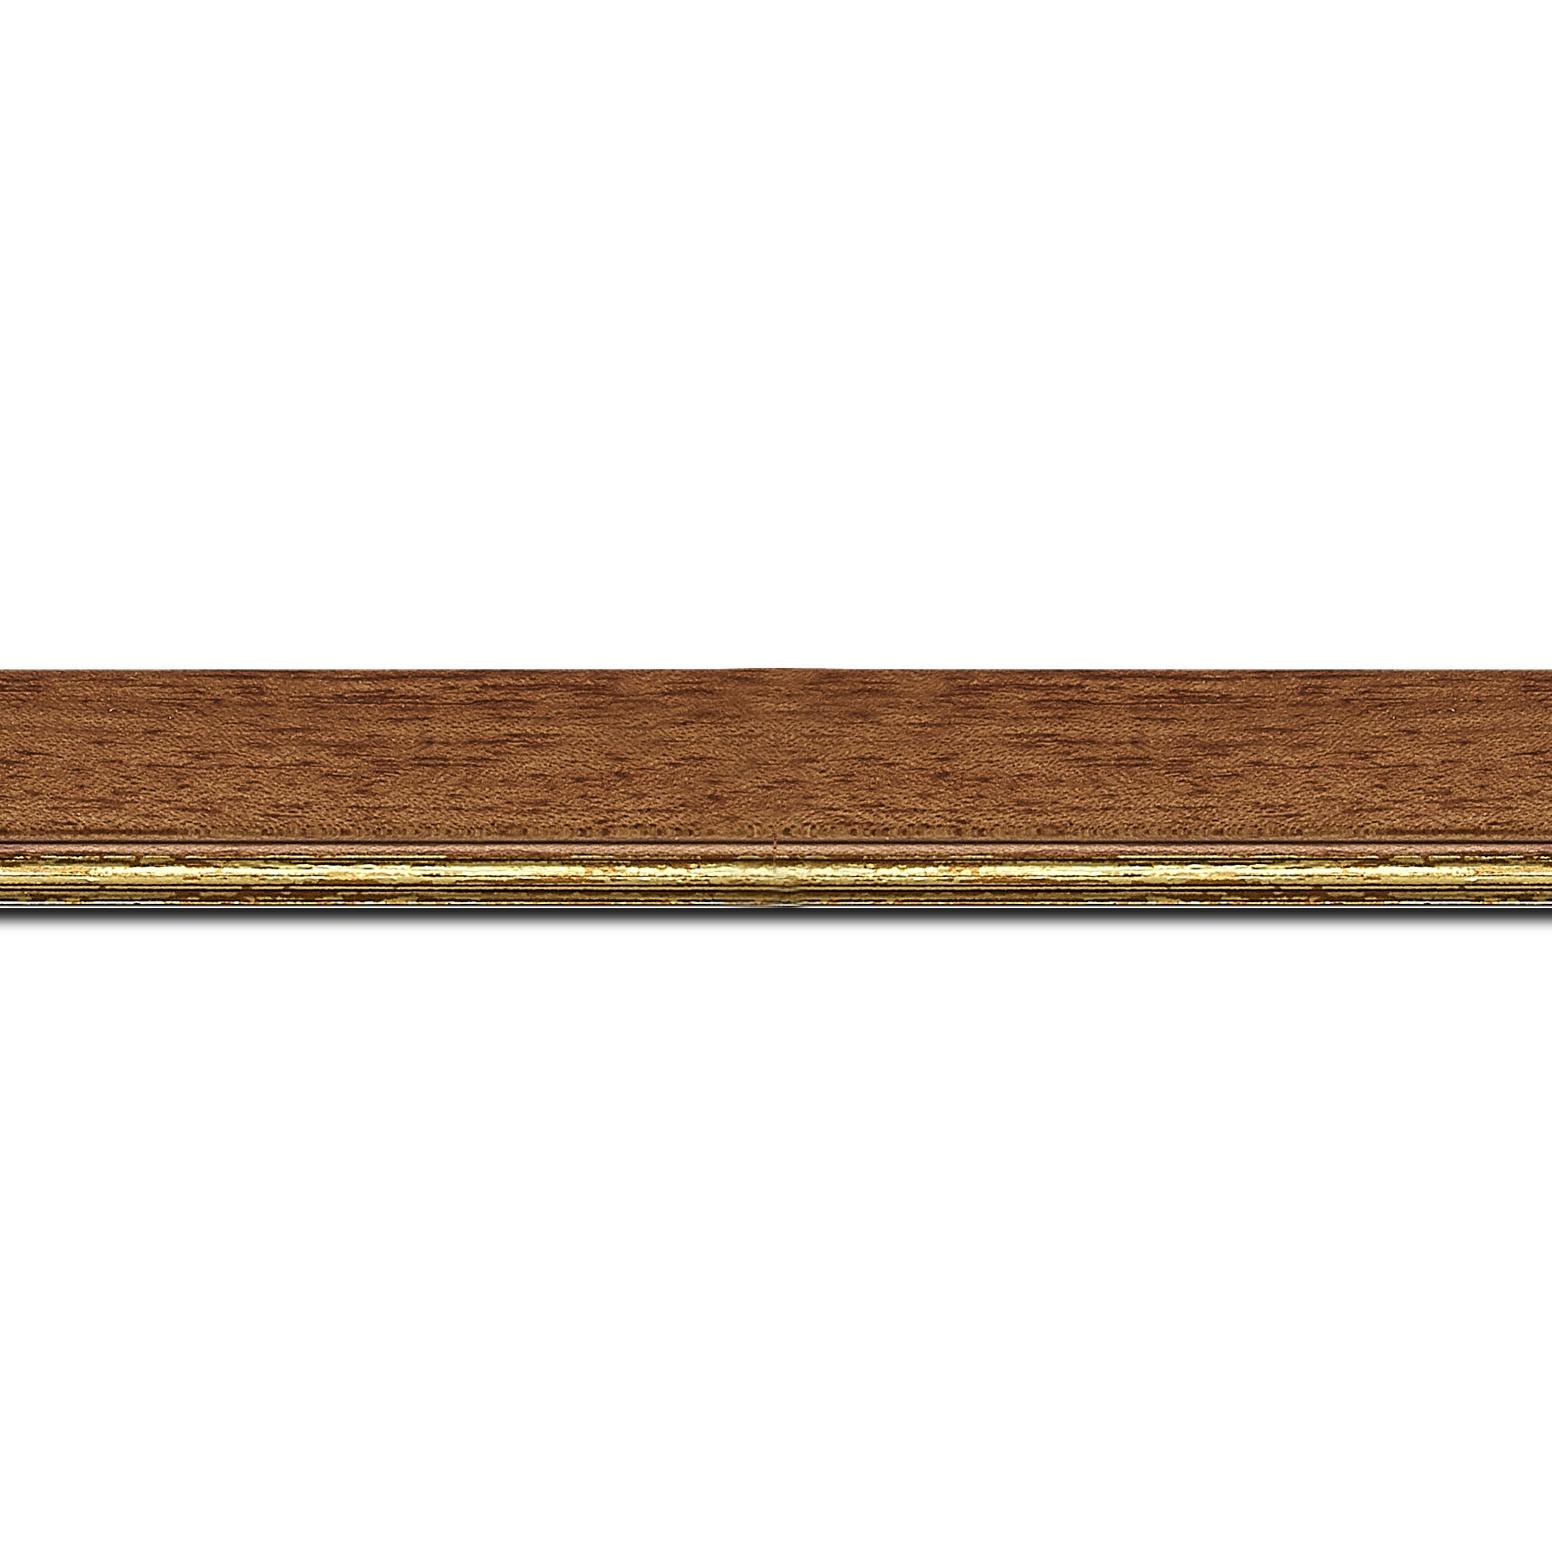 Baguette longueur 1.40m bois profil plat largeur 2.5cm couleur marron ton bois filet or